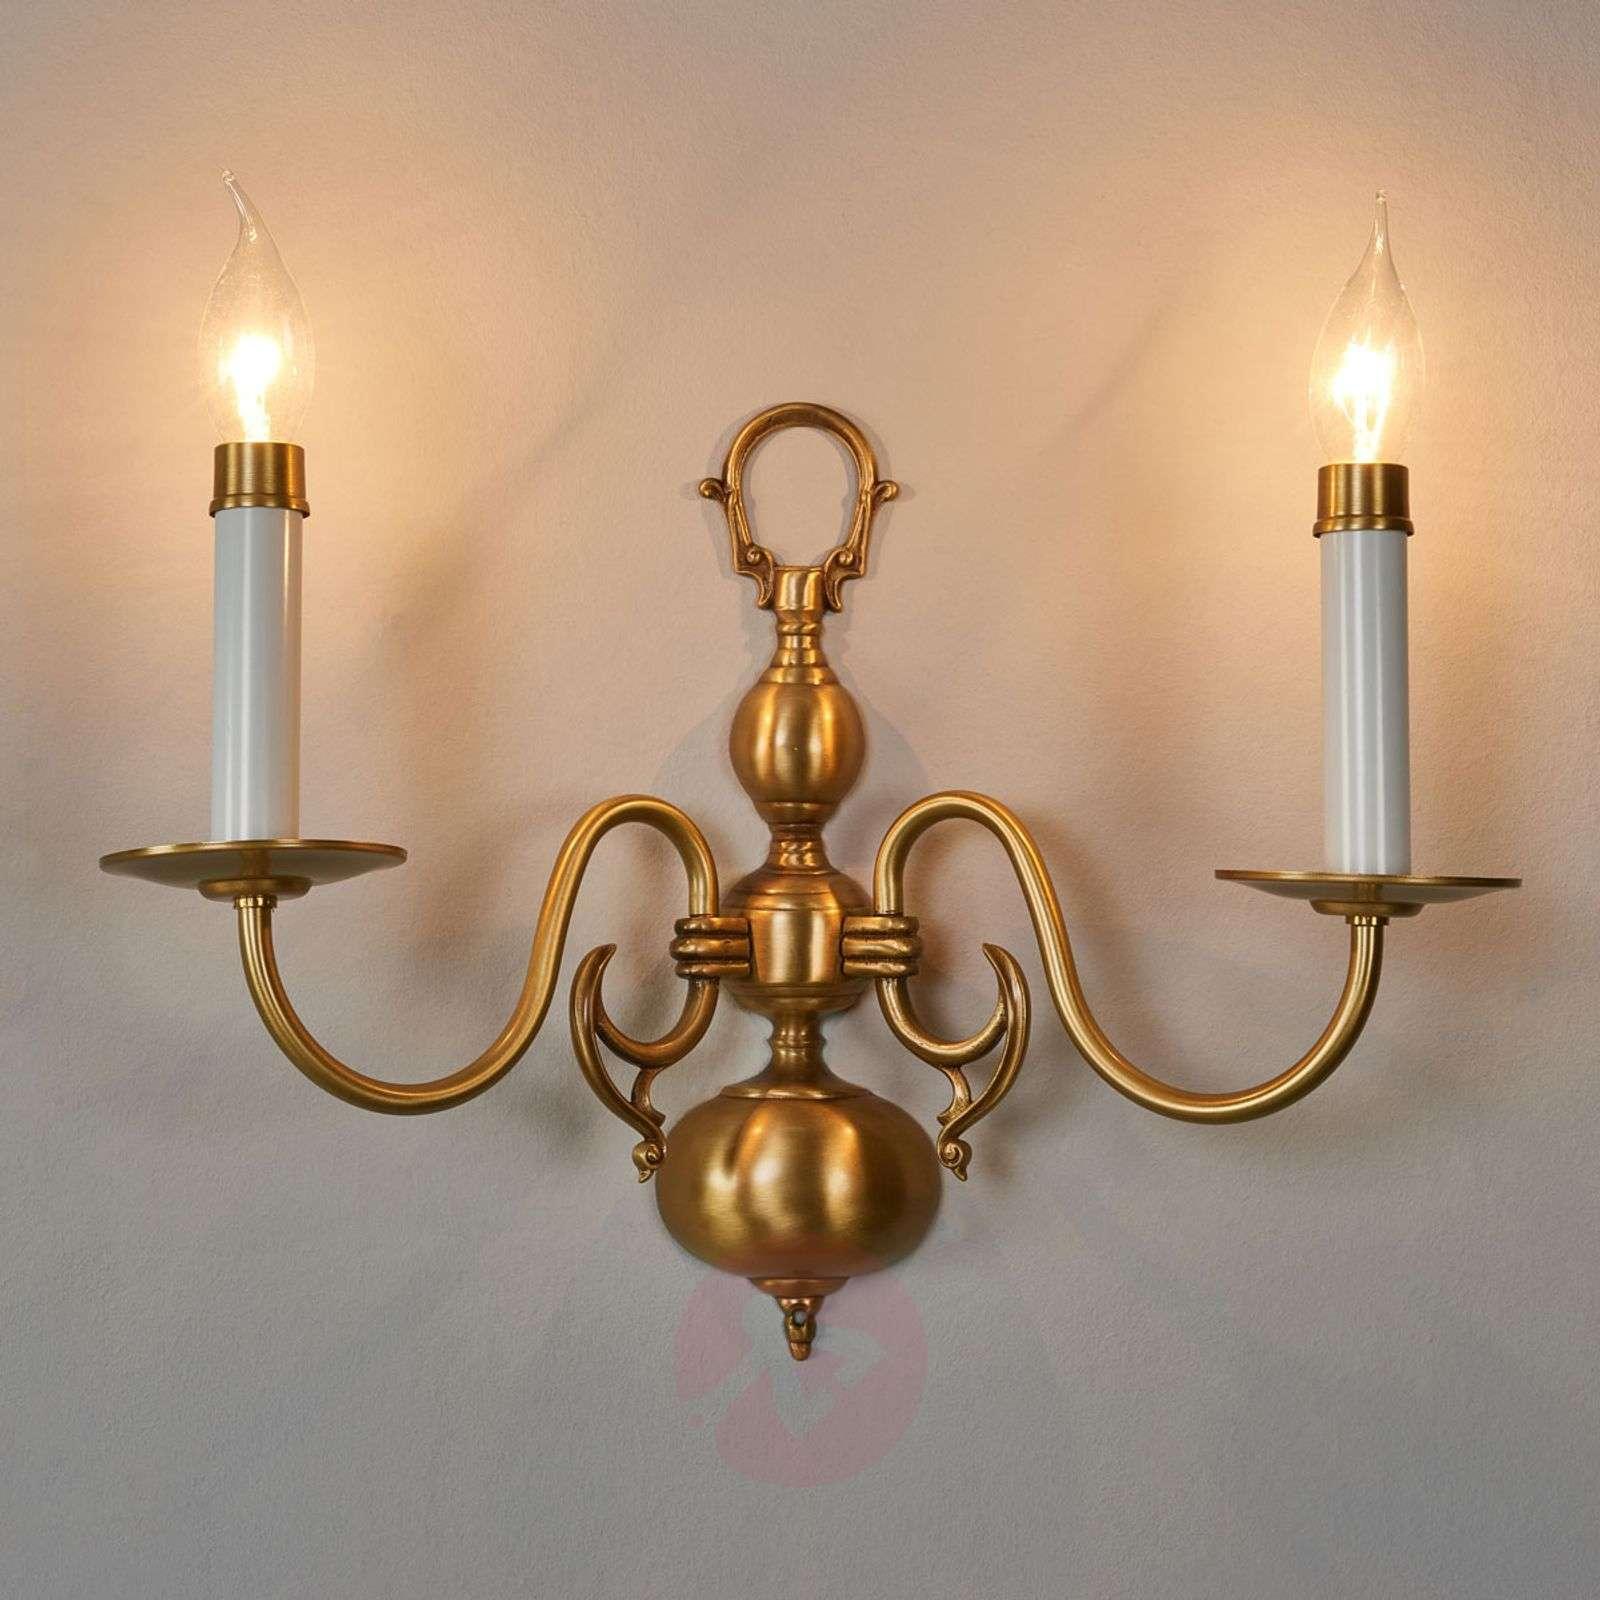 Mattakultainen HOLANDESAS-seinävalaisin, 2 lamppua-8023044-01